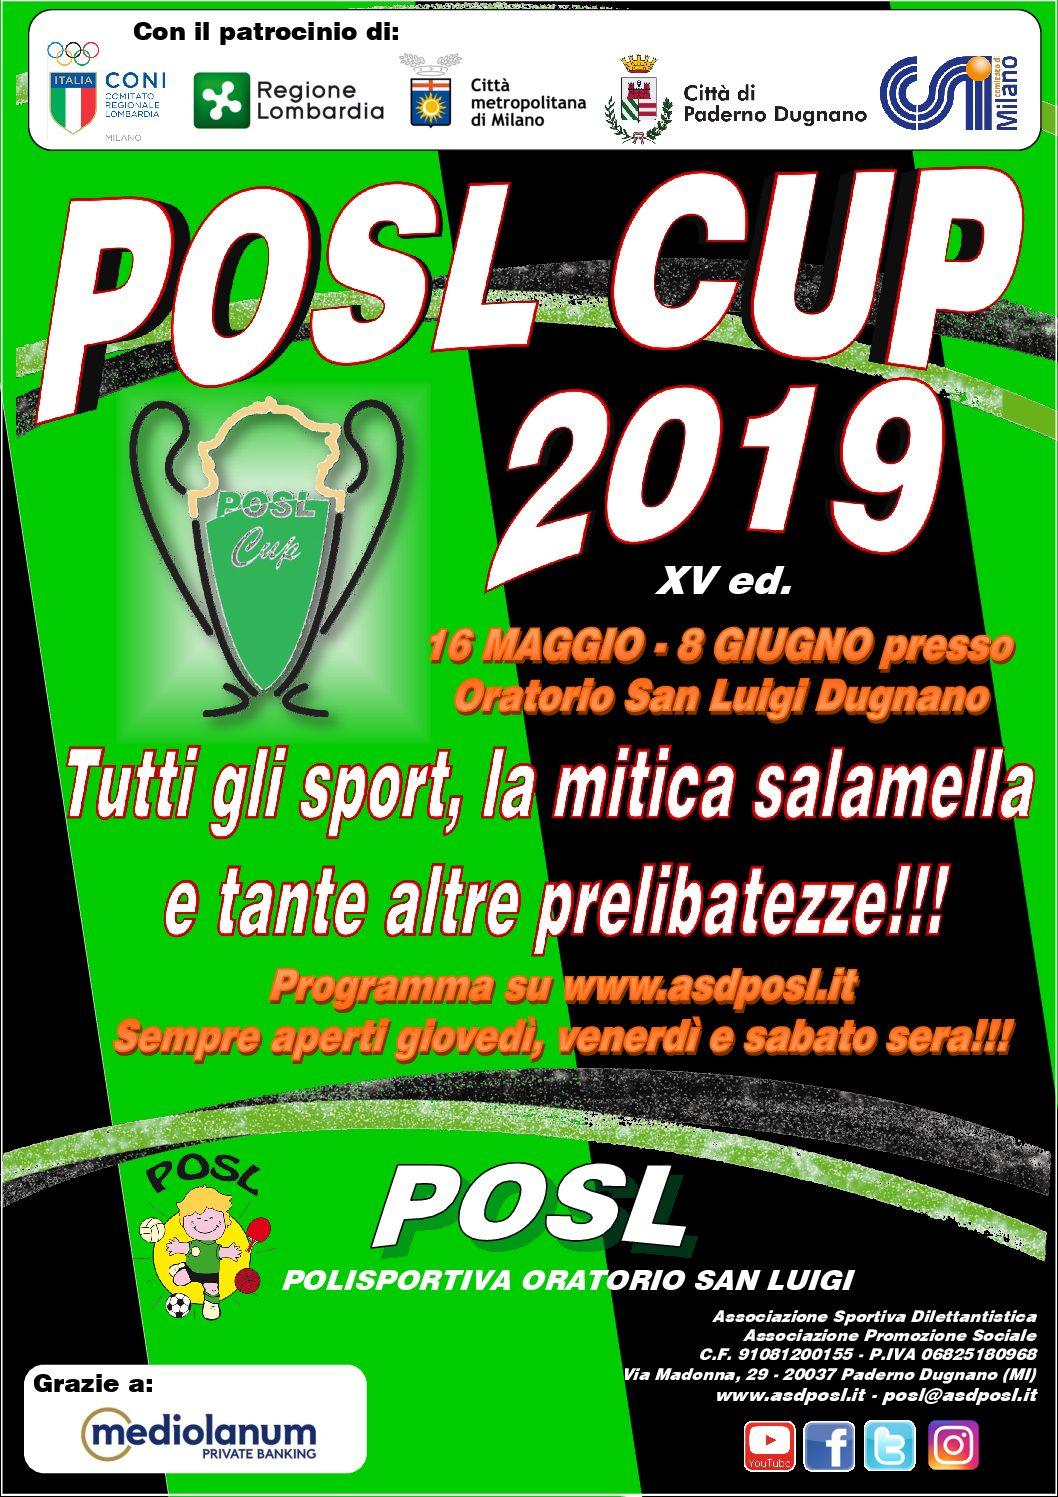 POSL CUP 2016: il via il 16 maggio!